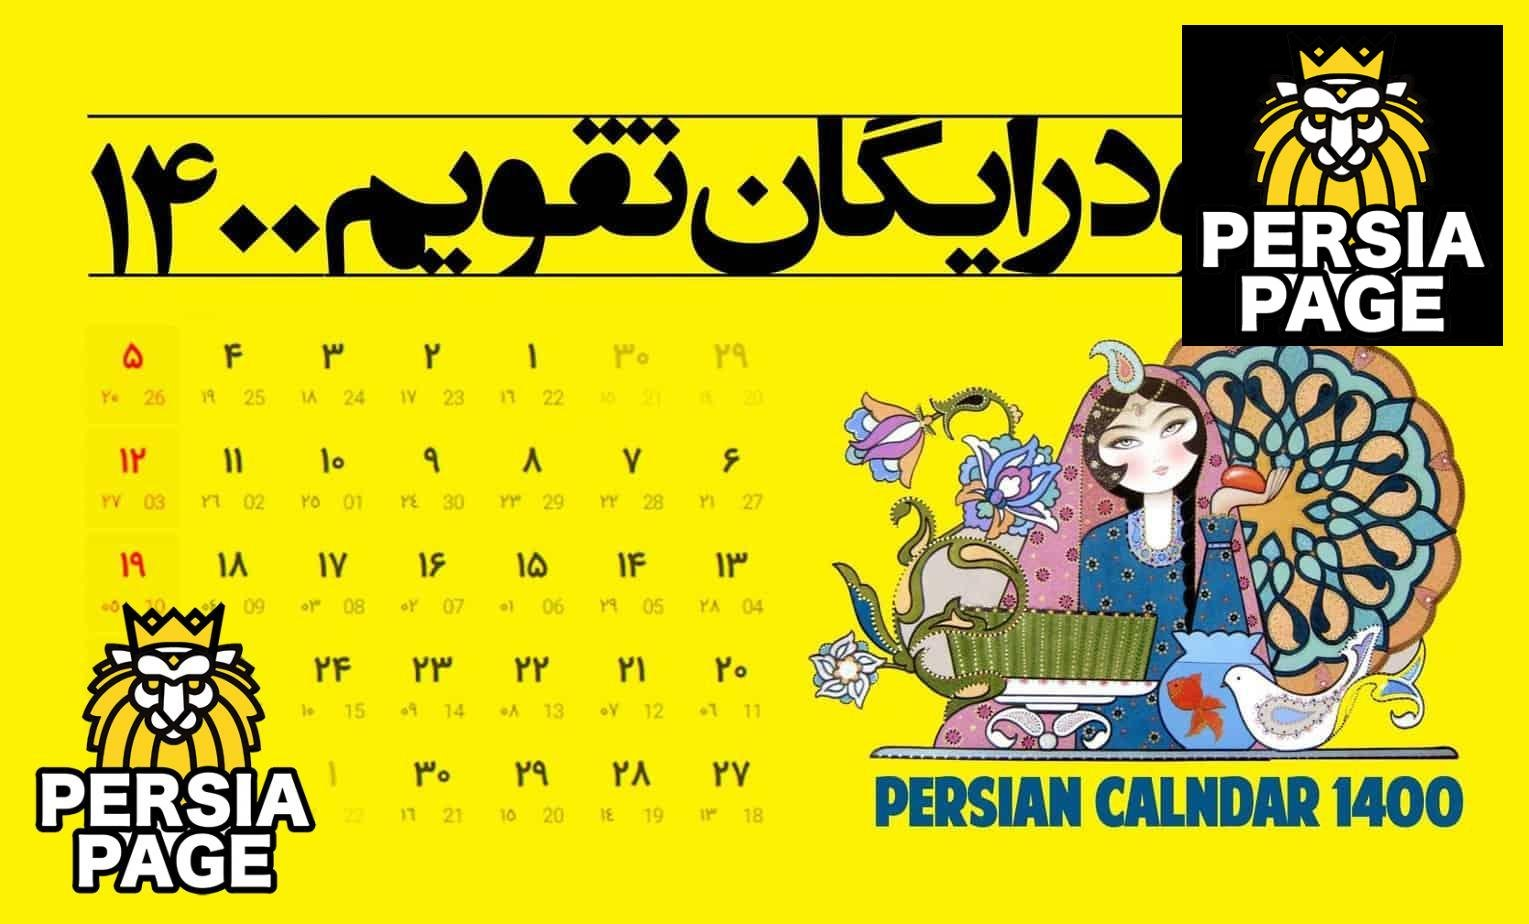 Download Persian Calendar 1400 | Free Farsi Font 2021